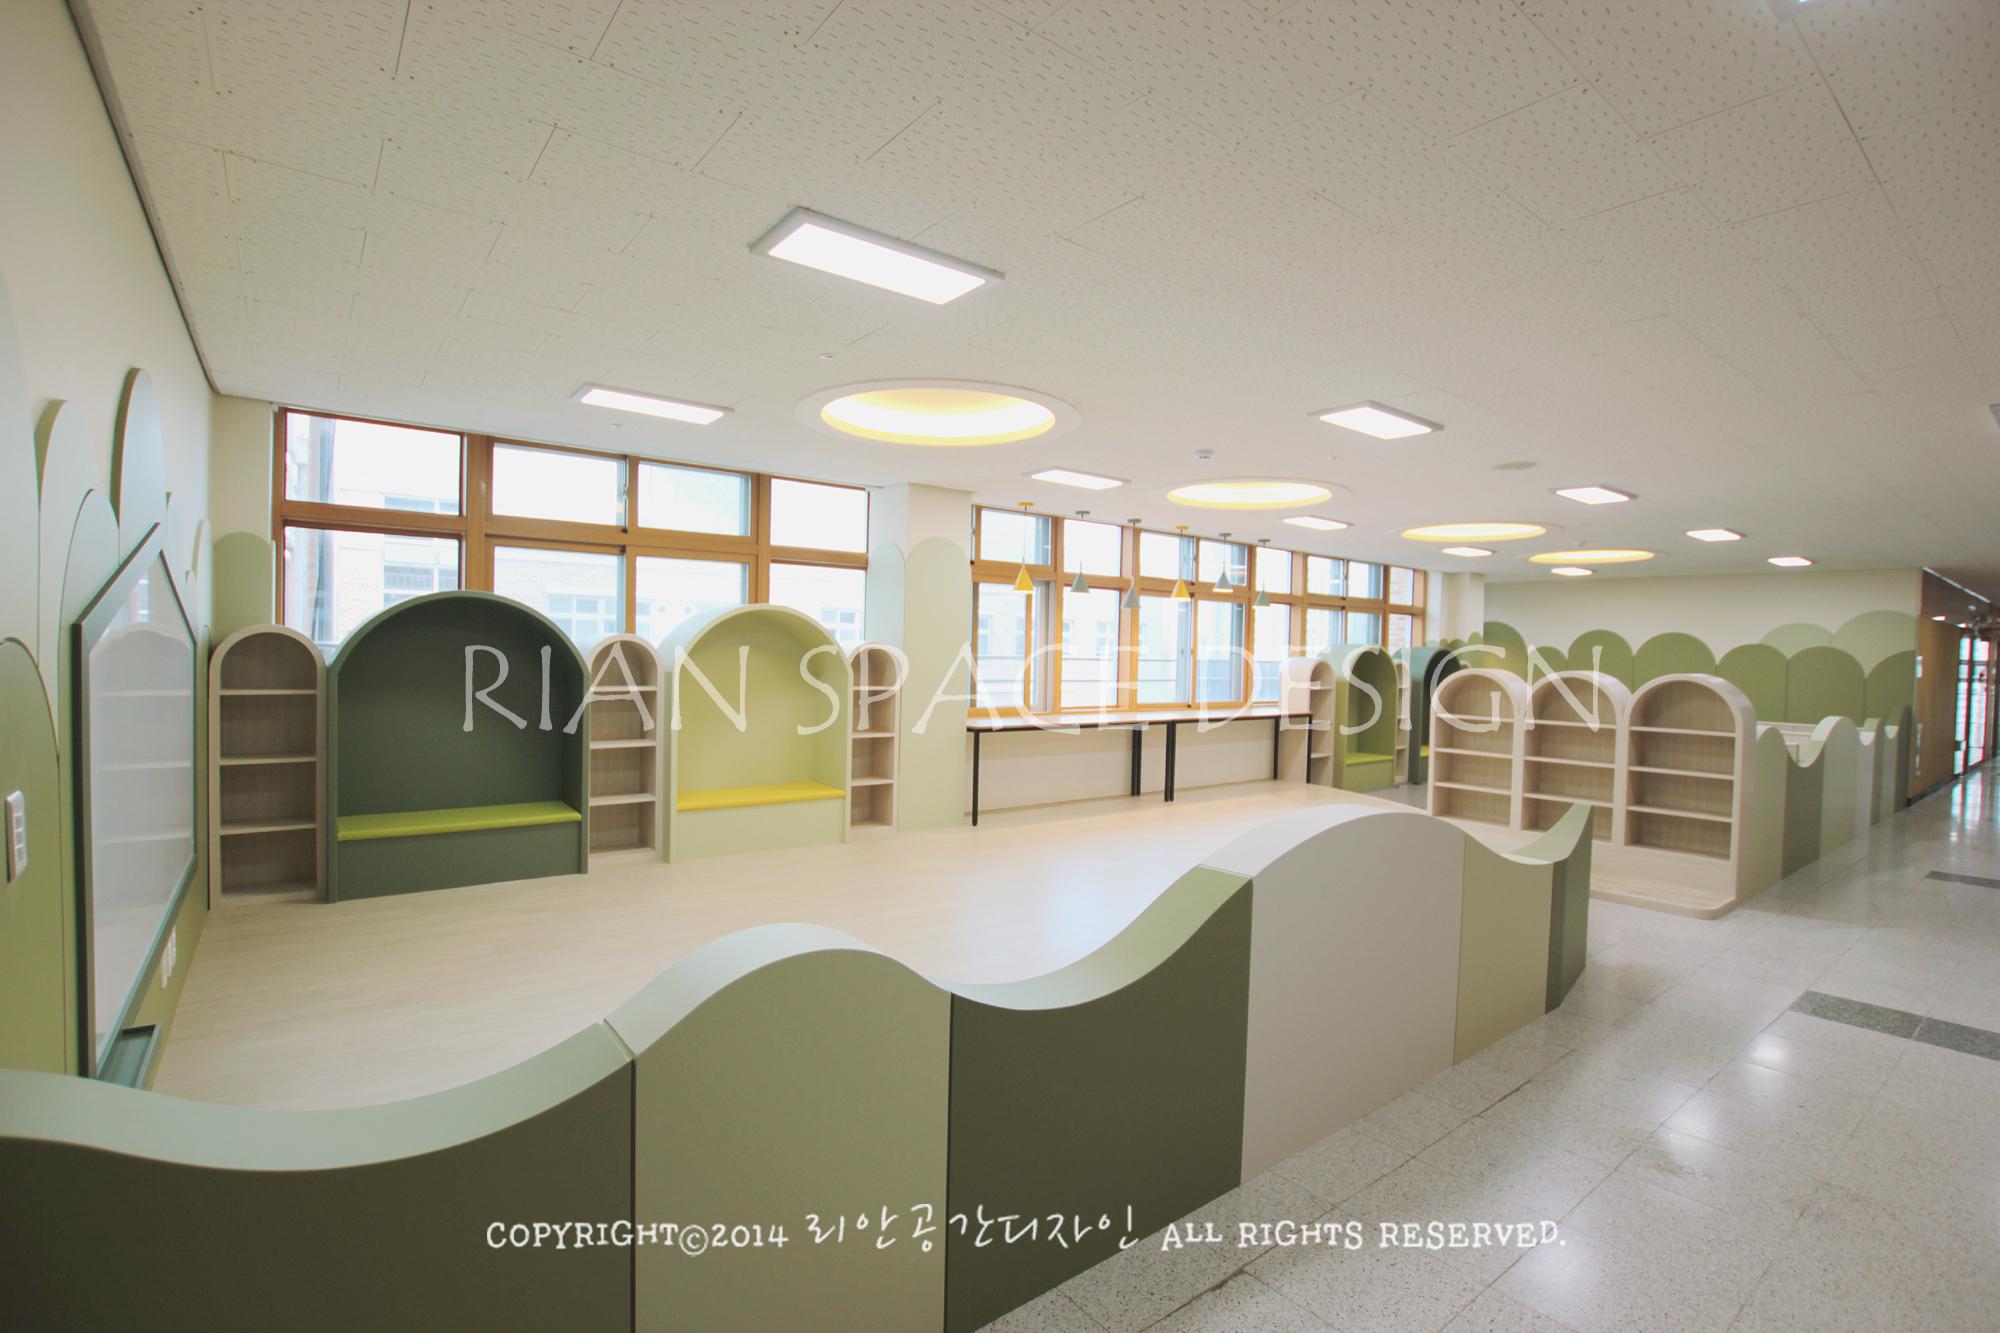 포항 oo초등학교 놀이중심 공간재구조화 인테리어